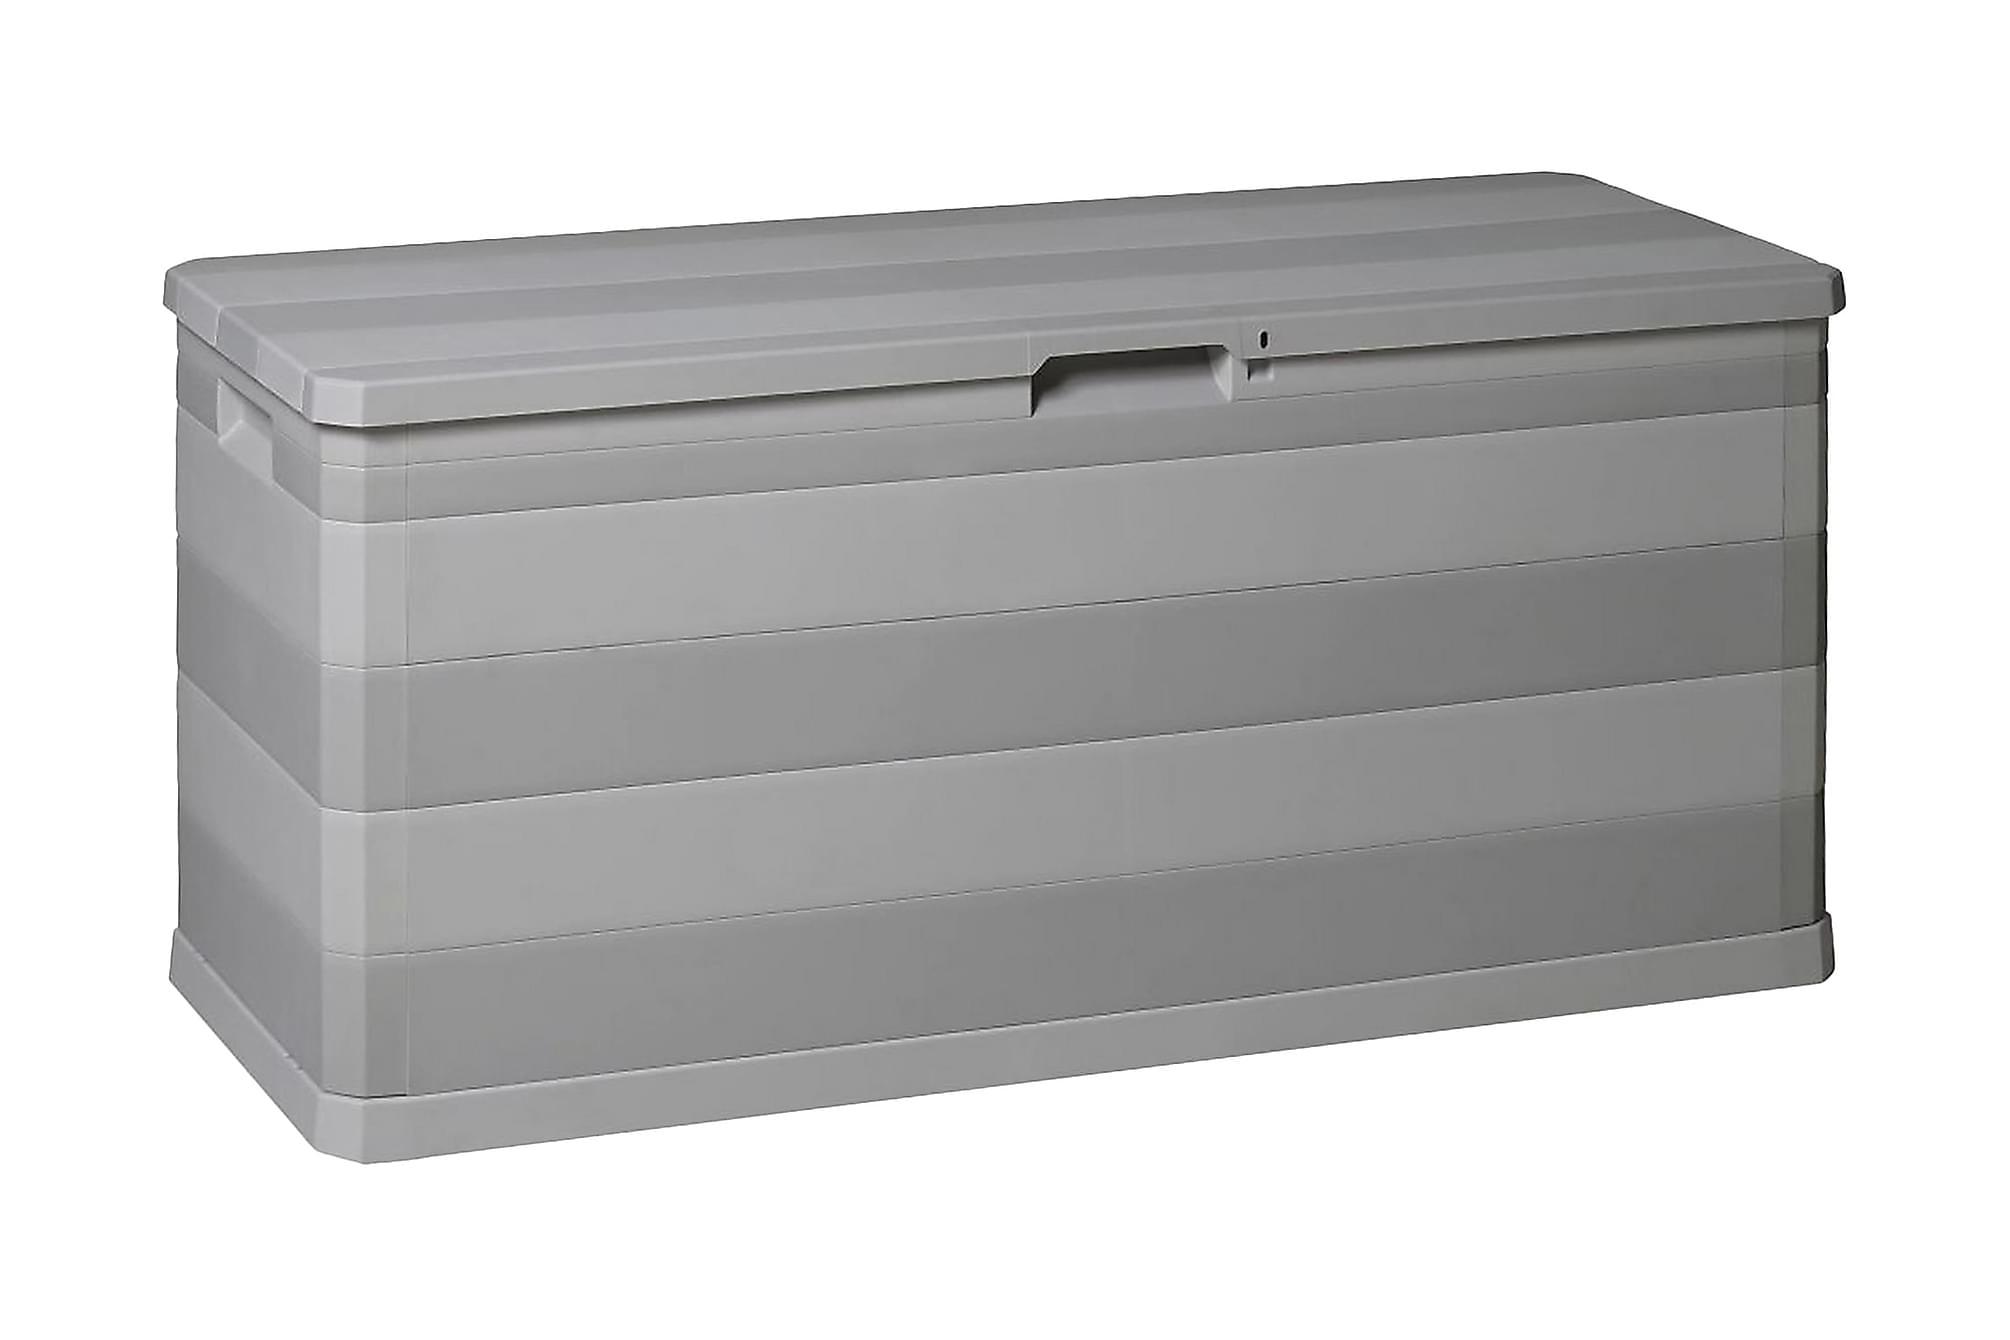 Dynbox 117x45x56 cm grå, Dynboxar & dynlådor